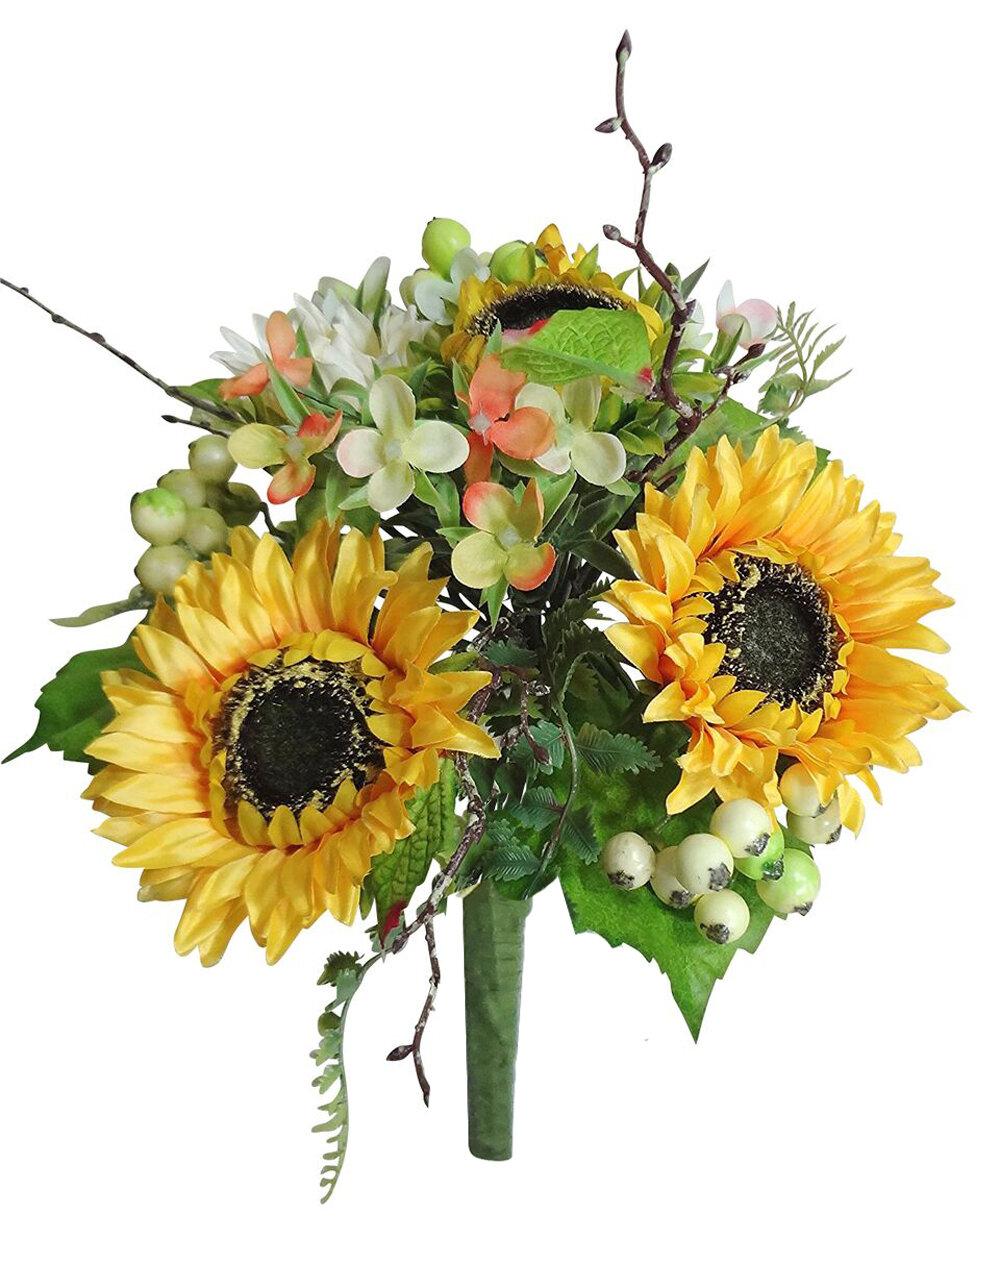 August Grove Handmade Sunflowers Centerpiece Wayfair